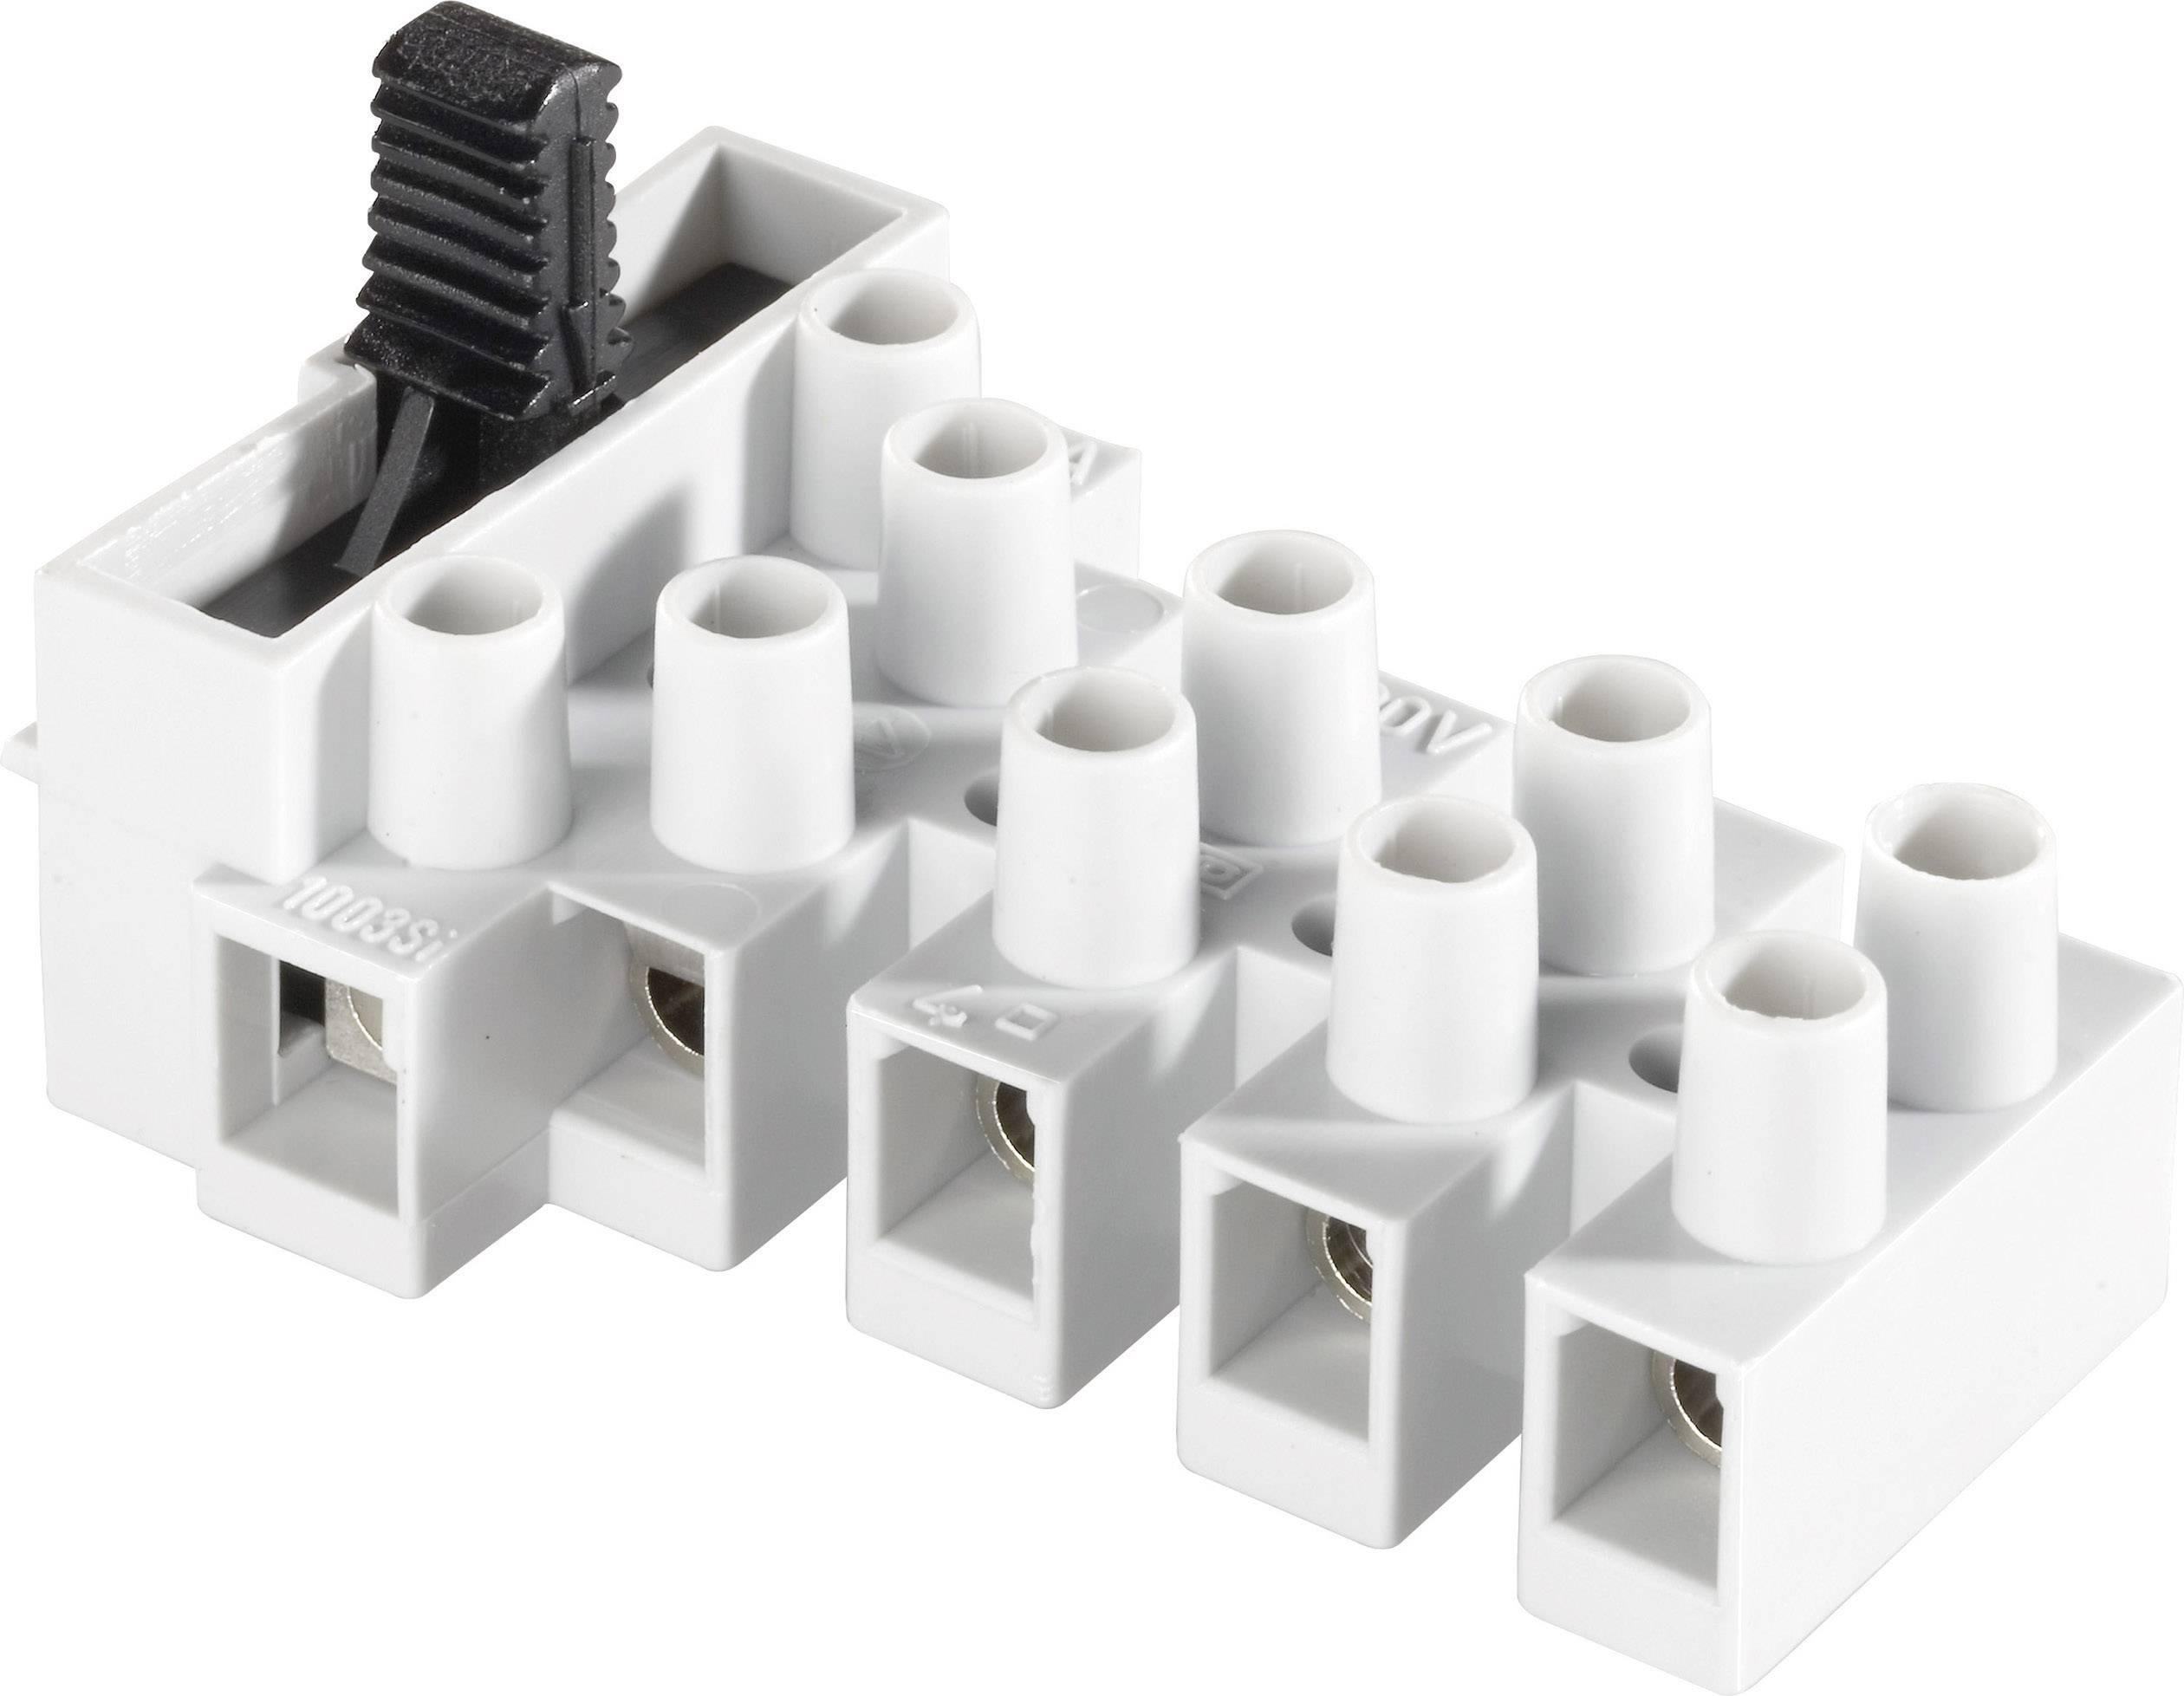 Svietidlové svorky Adels-Contact 1003 SI/3 DS na kábel s rozmerom 0.5-4 mm², pólů 5, 1 ks, prírodná